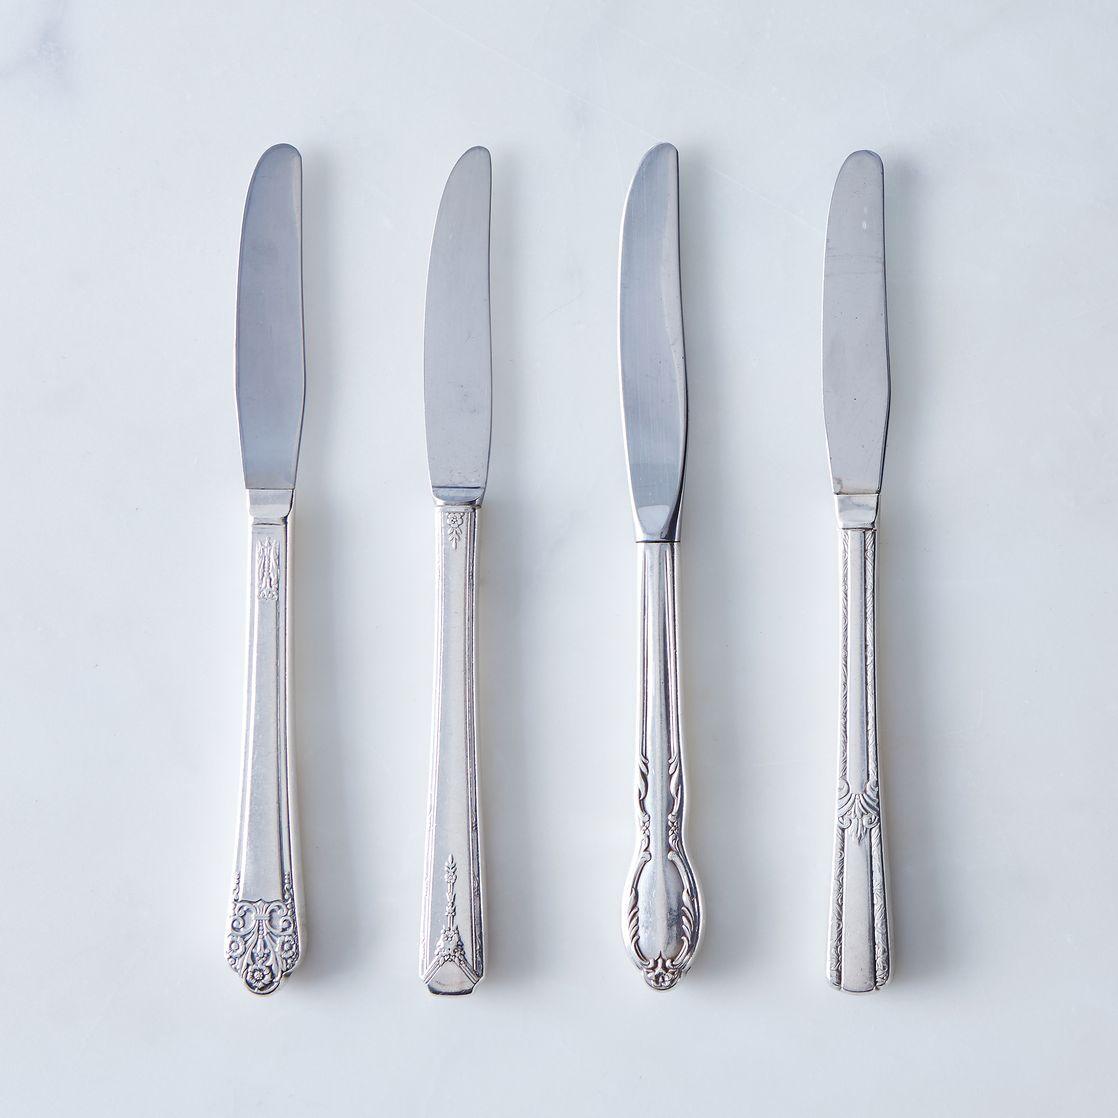 dae8e3d3-d261-47ea-b5ef-57cadcf59120--2015-0521_elsie-green_domestic-grill-knives_set-of-4_silo_bobbi-lin-2638